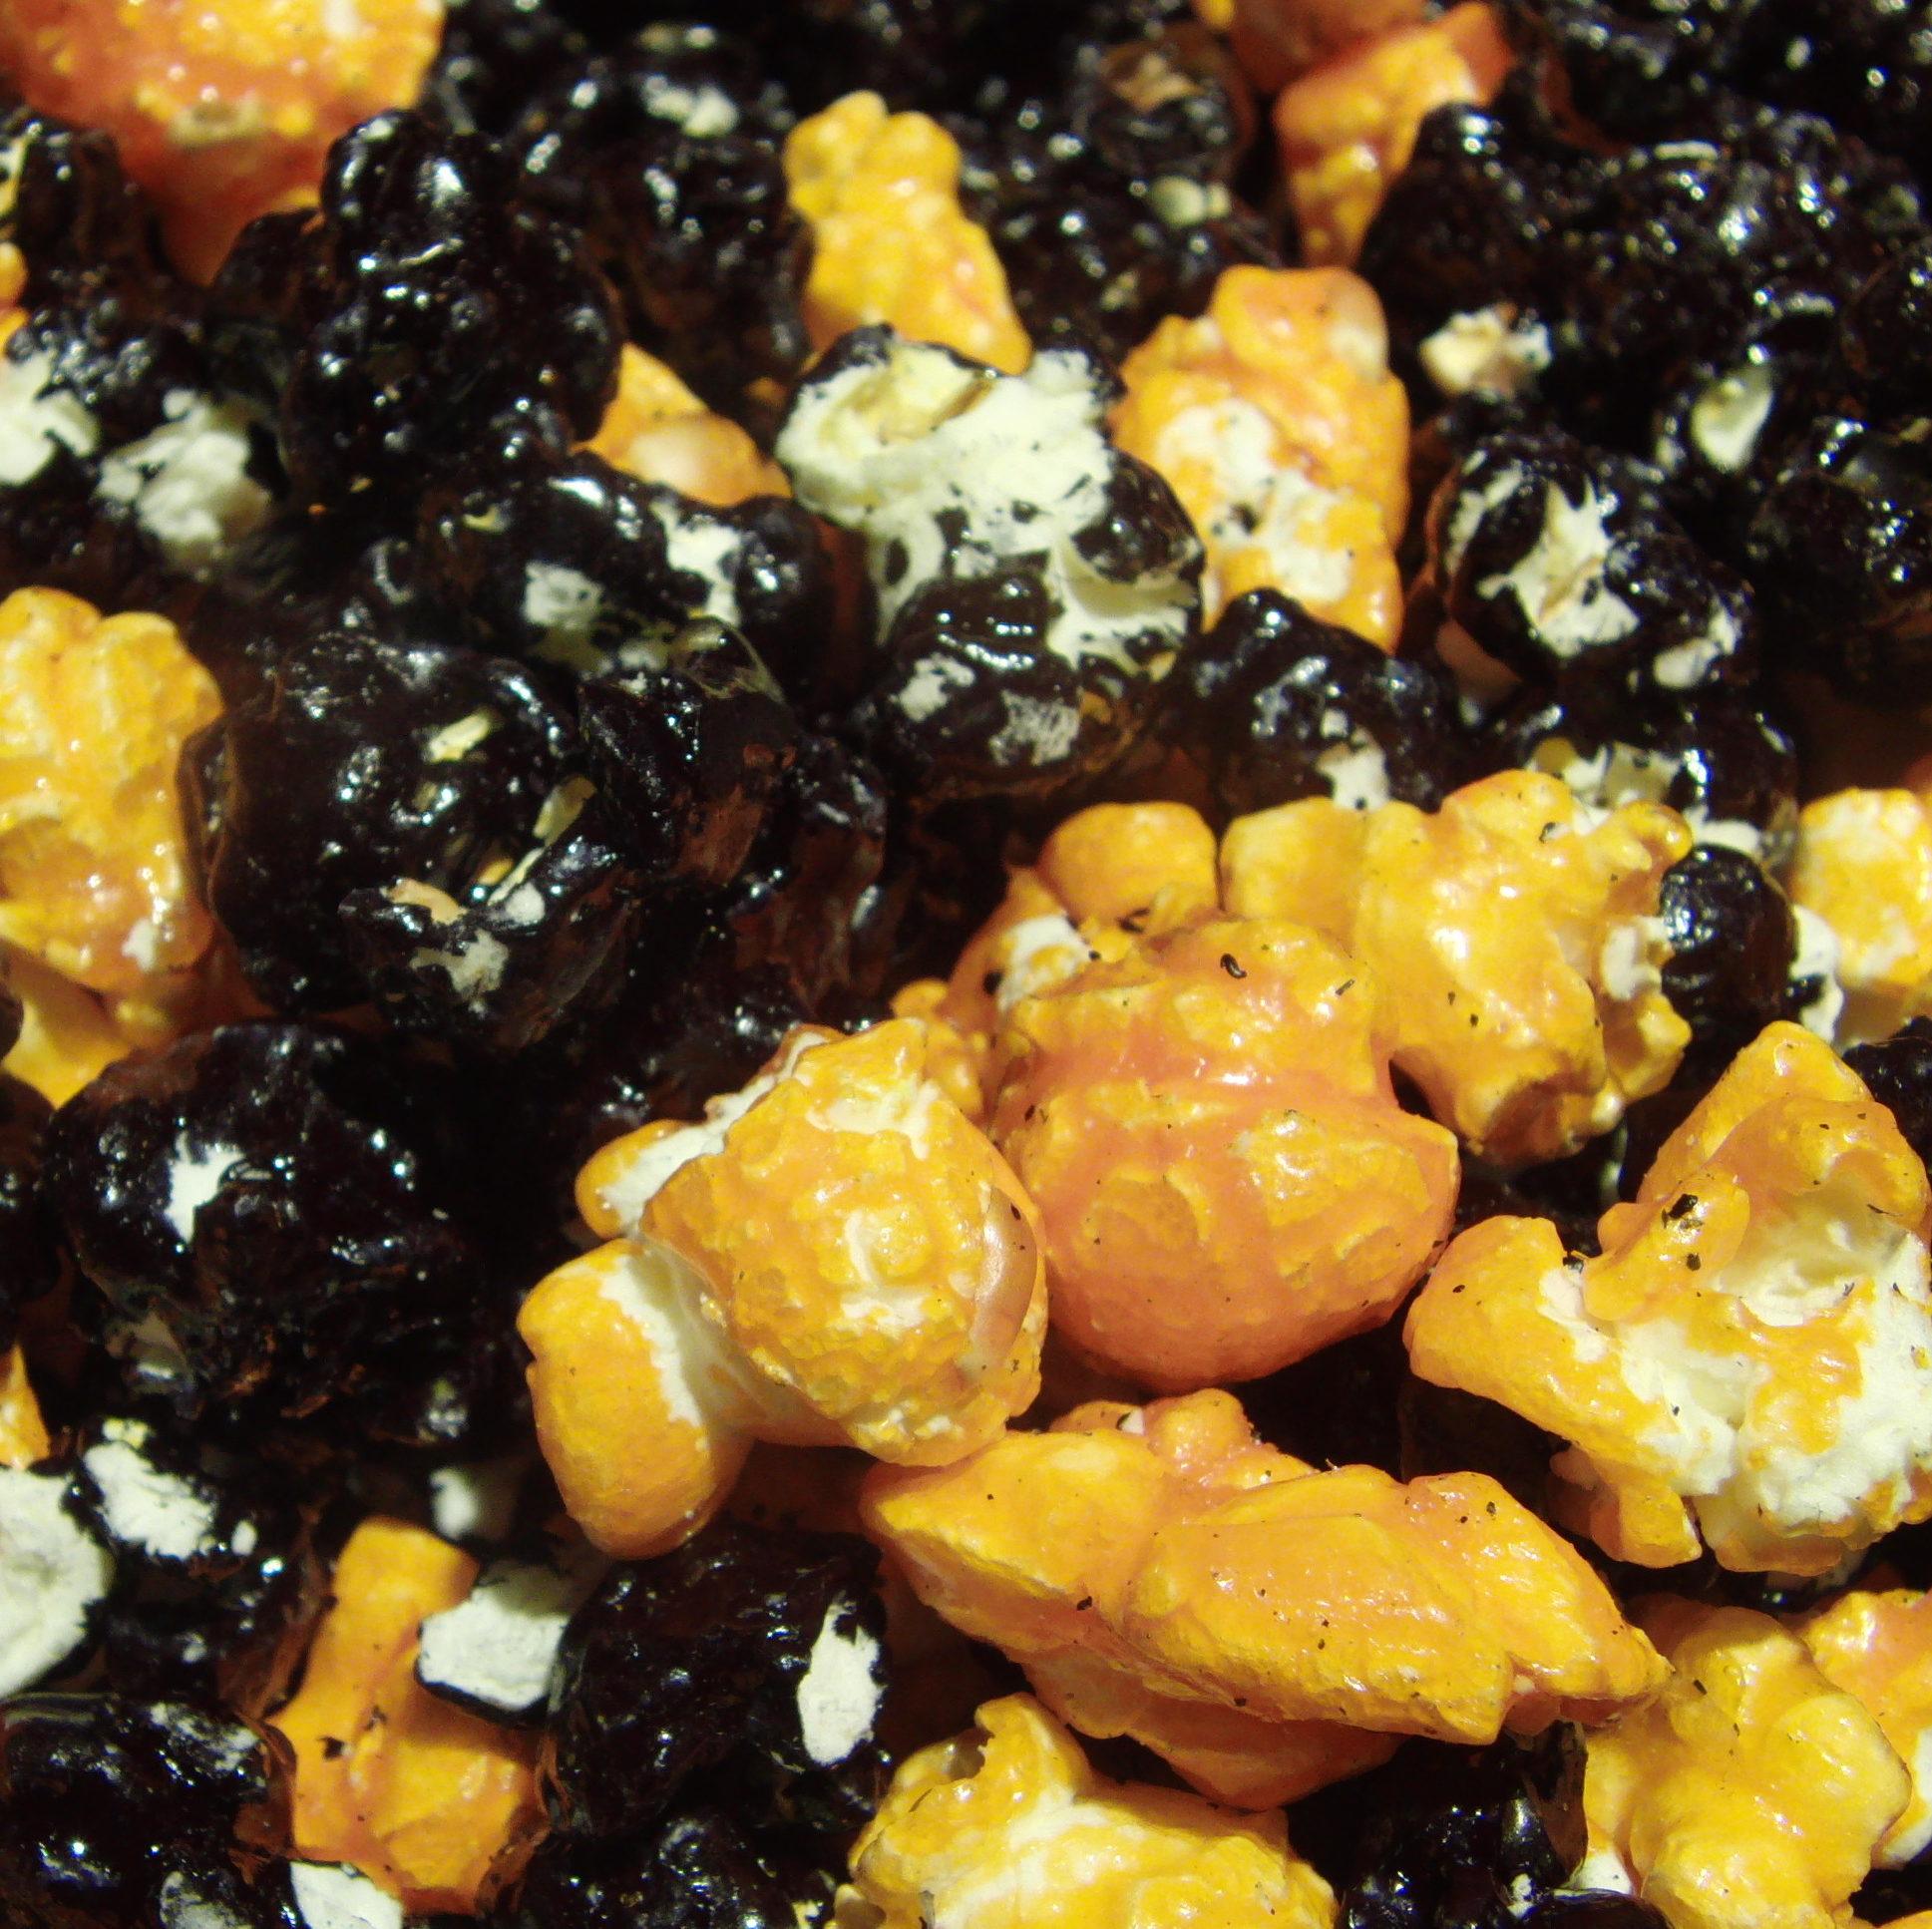 Spooky Mix Popcorn Blend